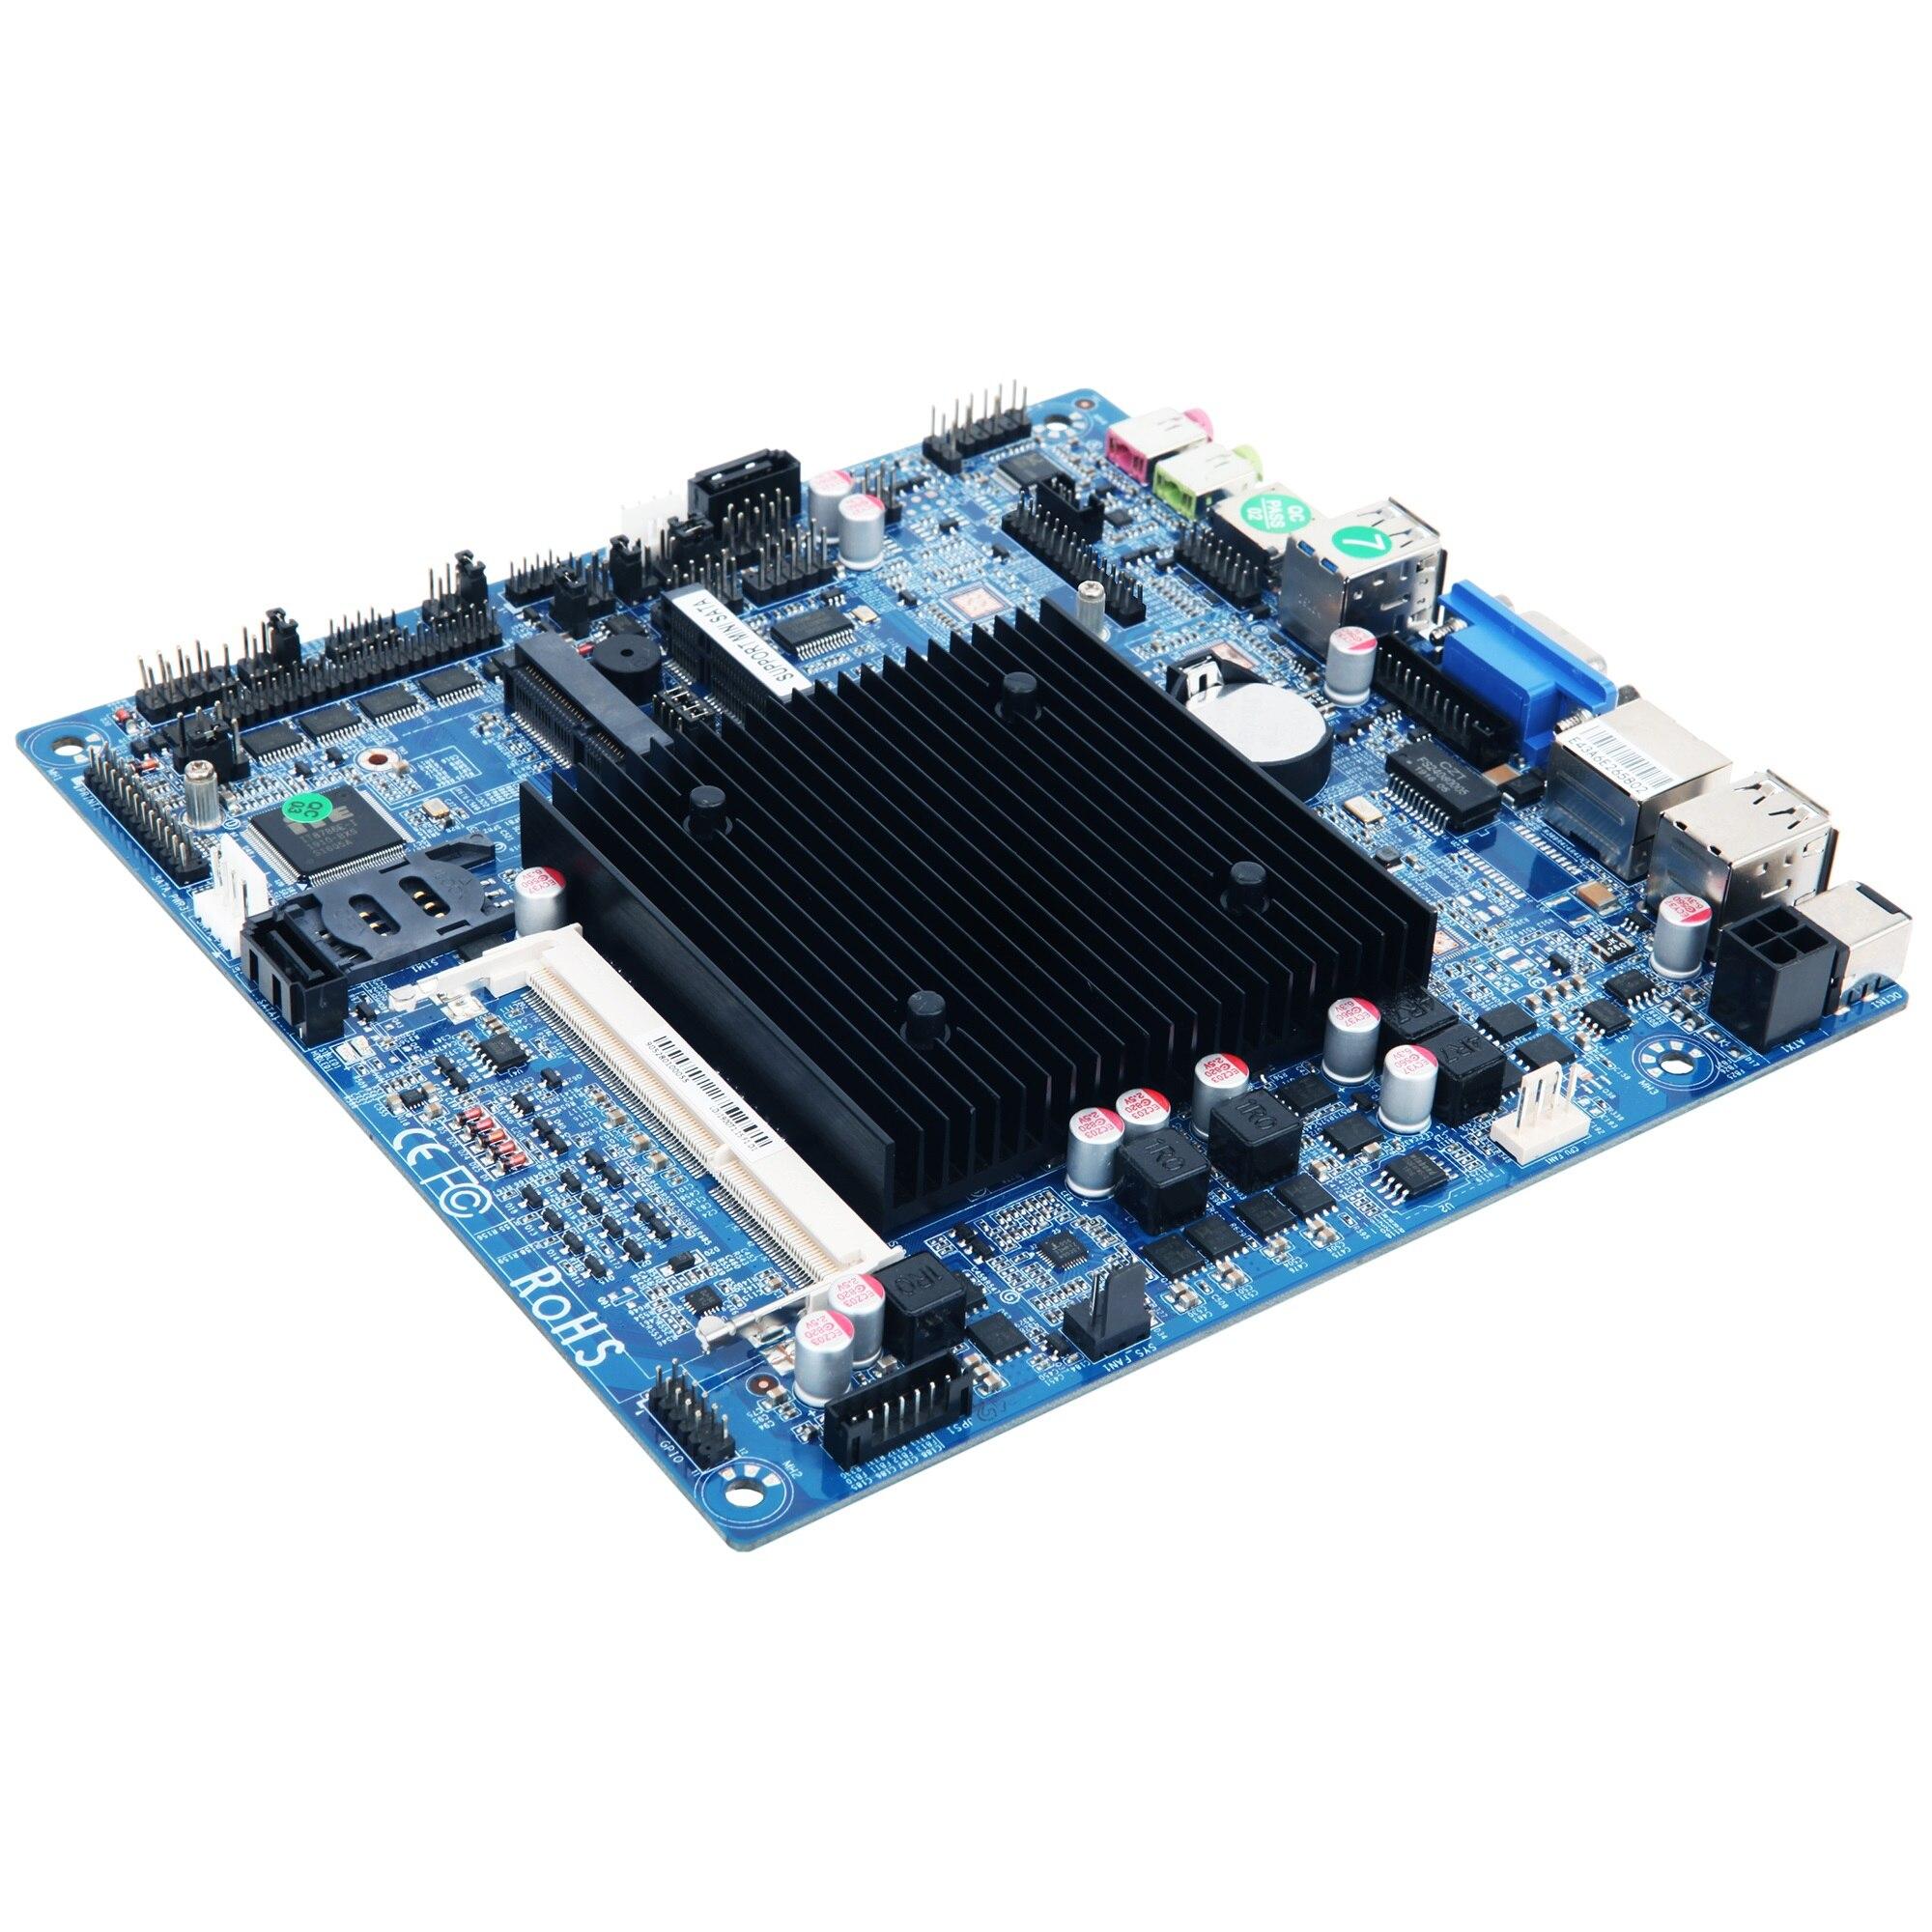 Windson J1900 التحكم الصناعي الذكي التلقائي الأمن كمبيوتر مصغر اللوحة الأم